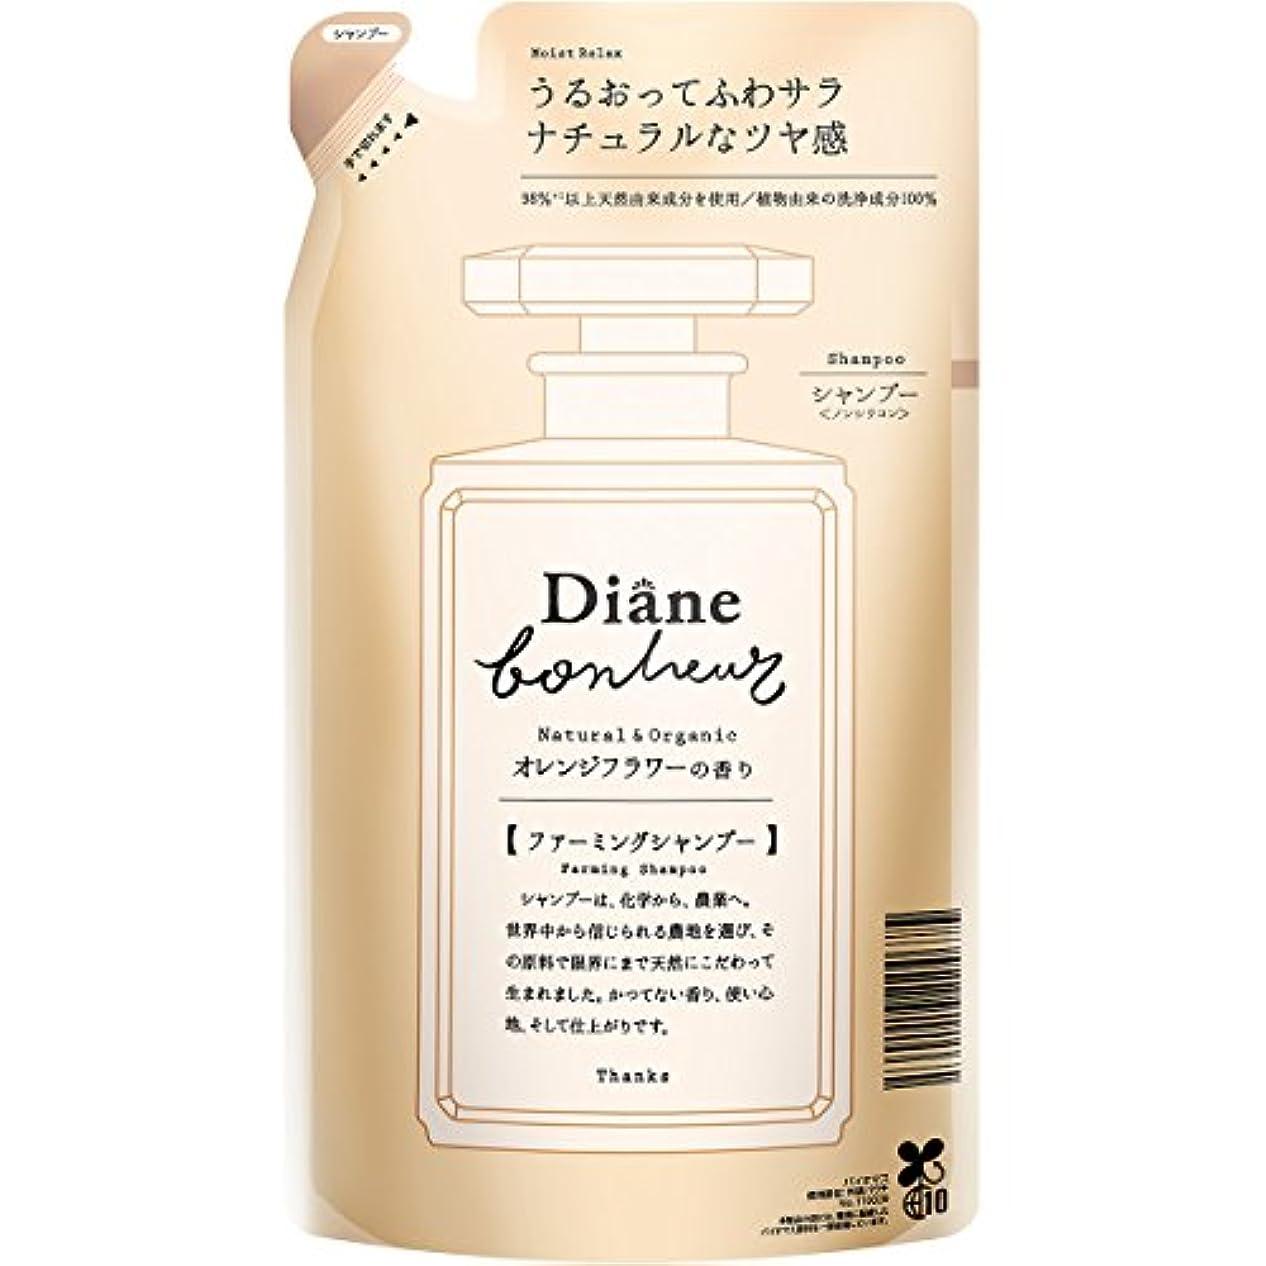 びっくりしたリーフレットスラックダイアン ボヌール オレンジフラワーの香り モイストリラックス シャンプー 詰め替え 400ml